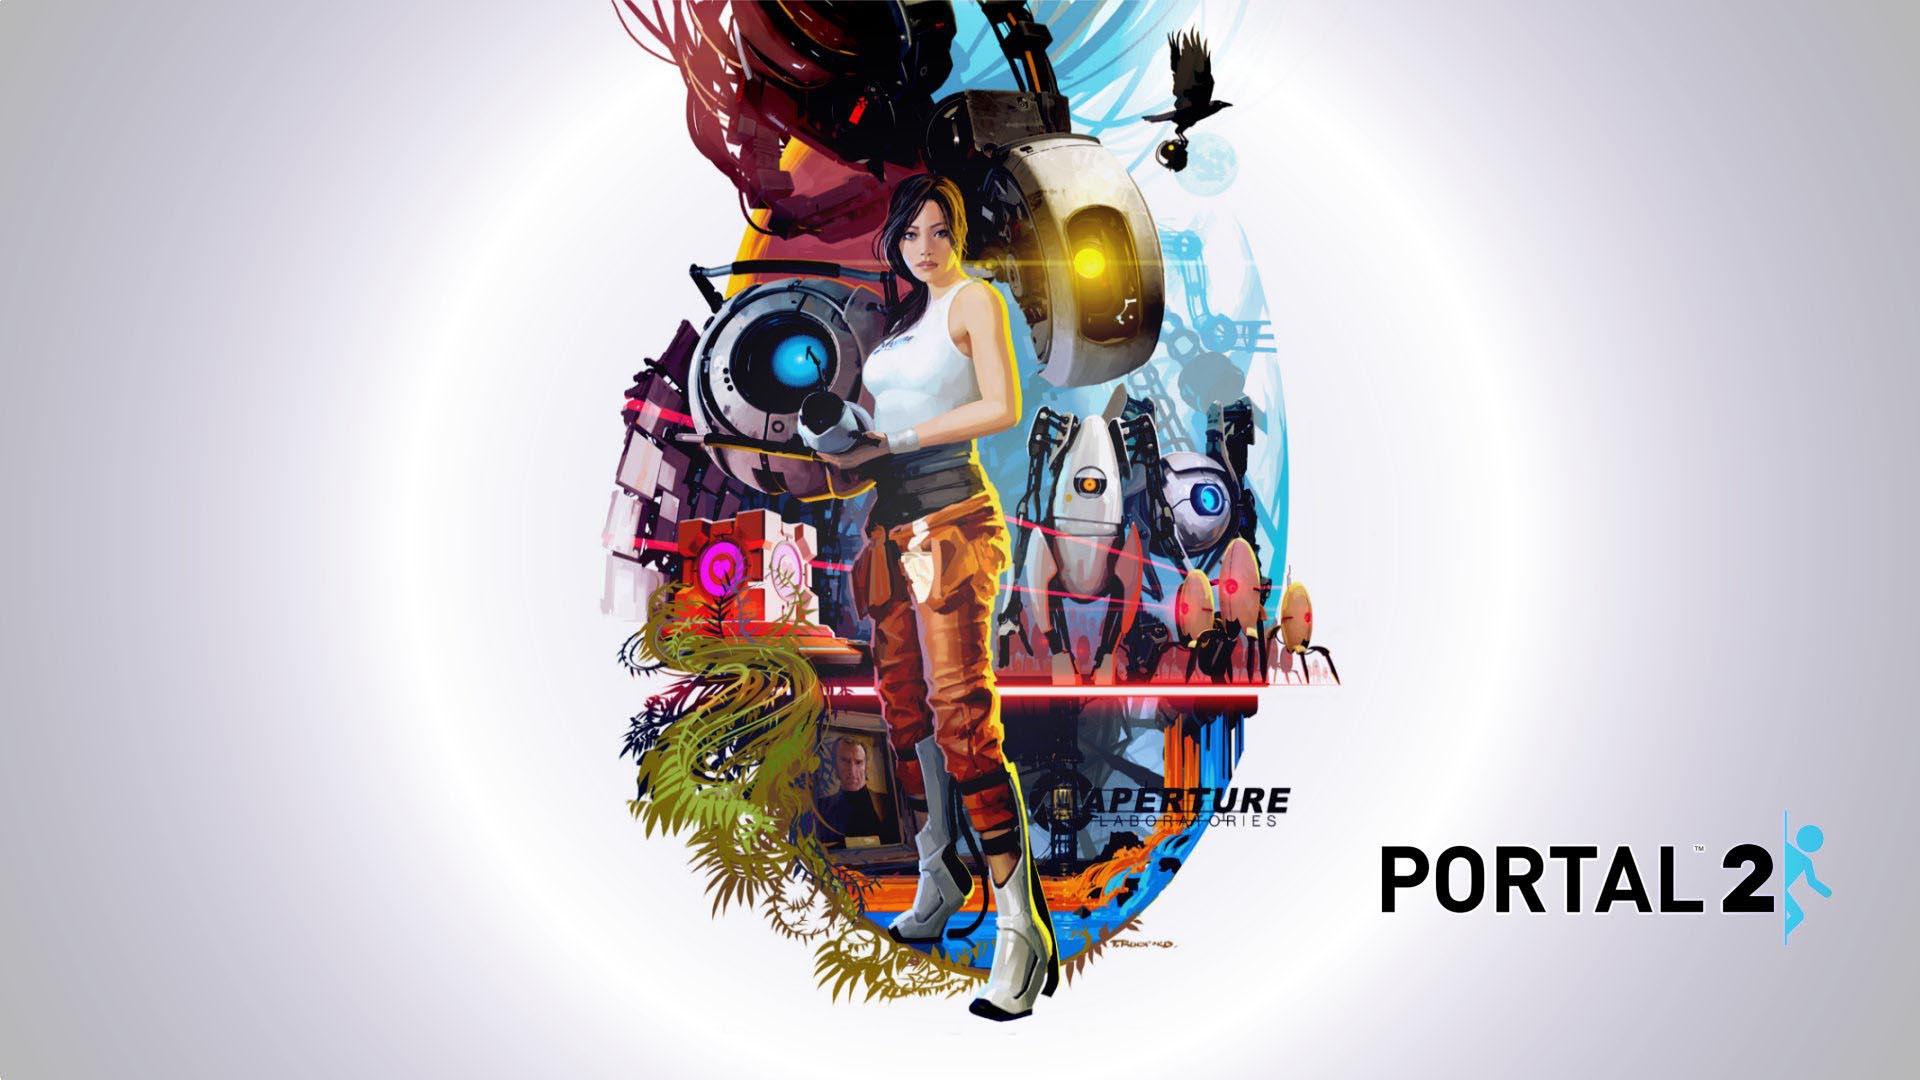 Portal 2 HD wallpaper 1920x1080 67749 1920x1080